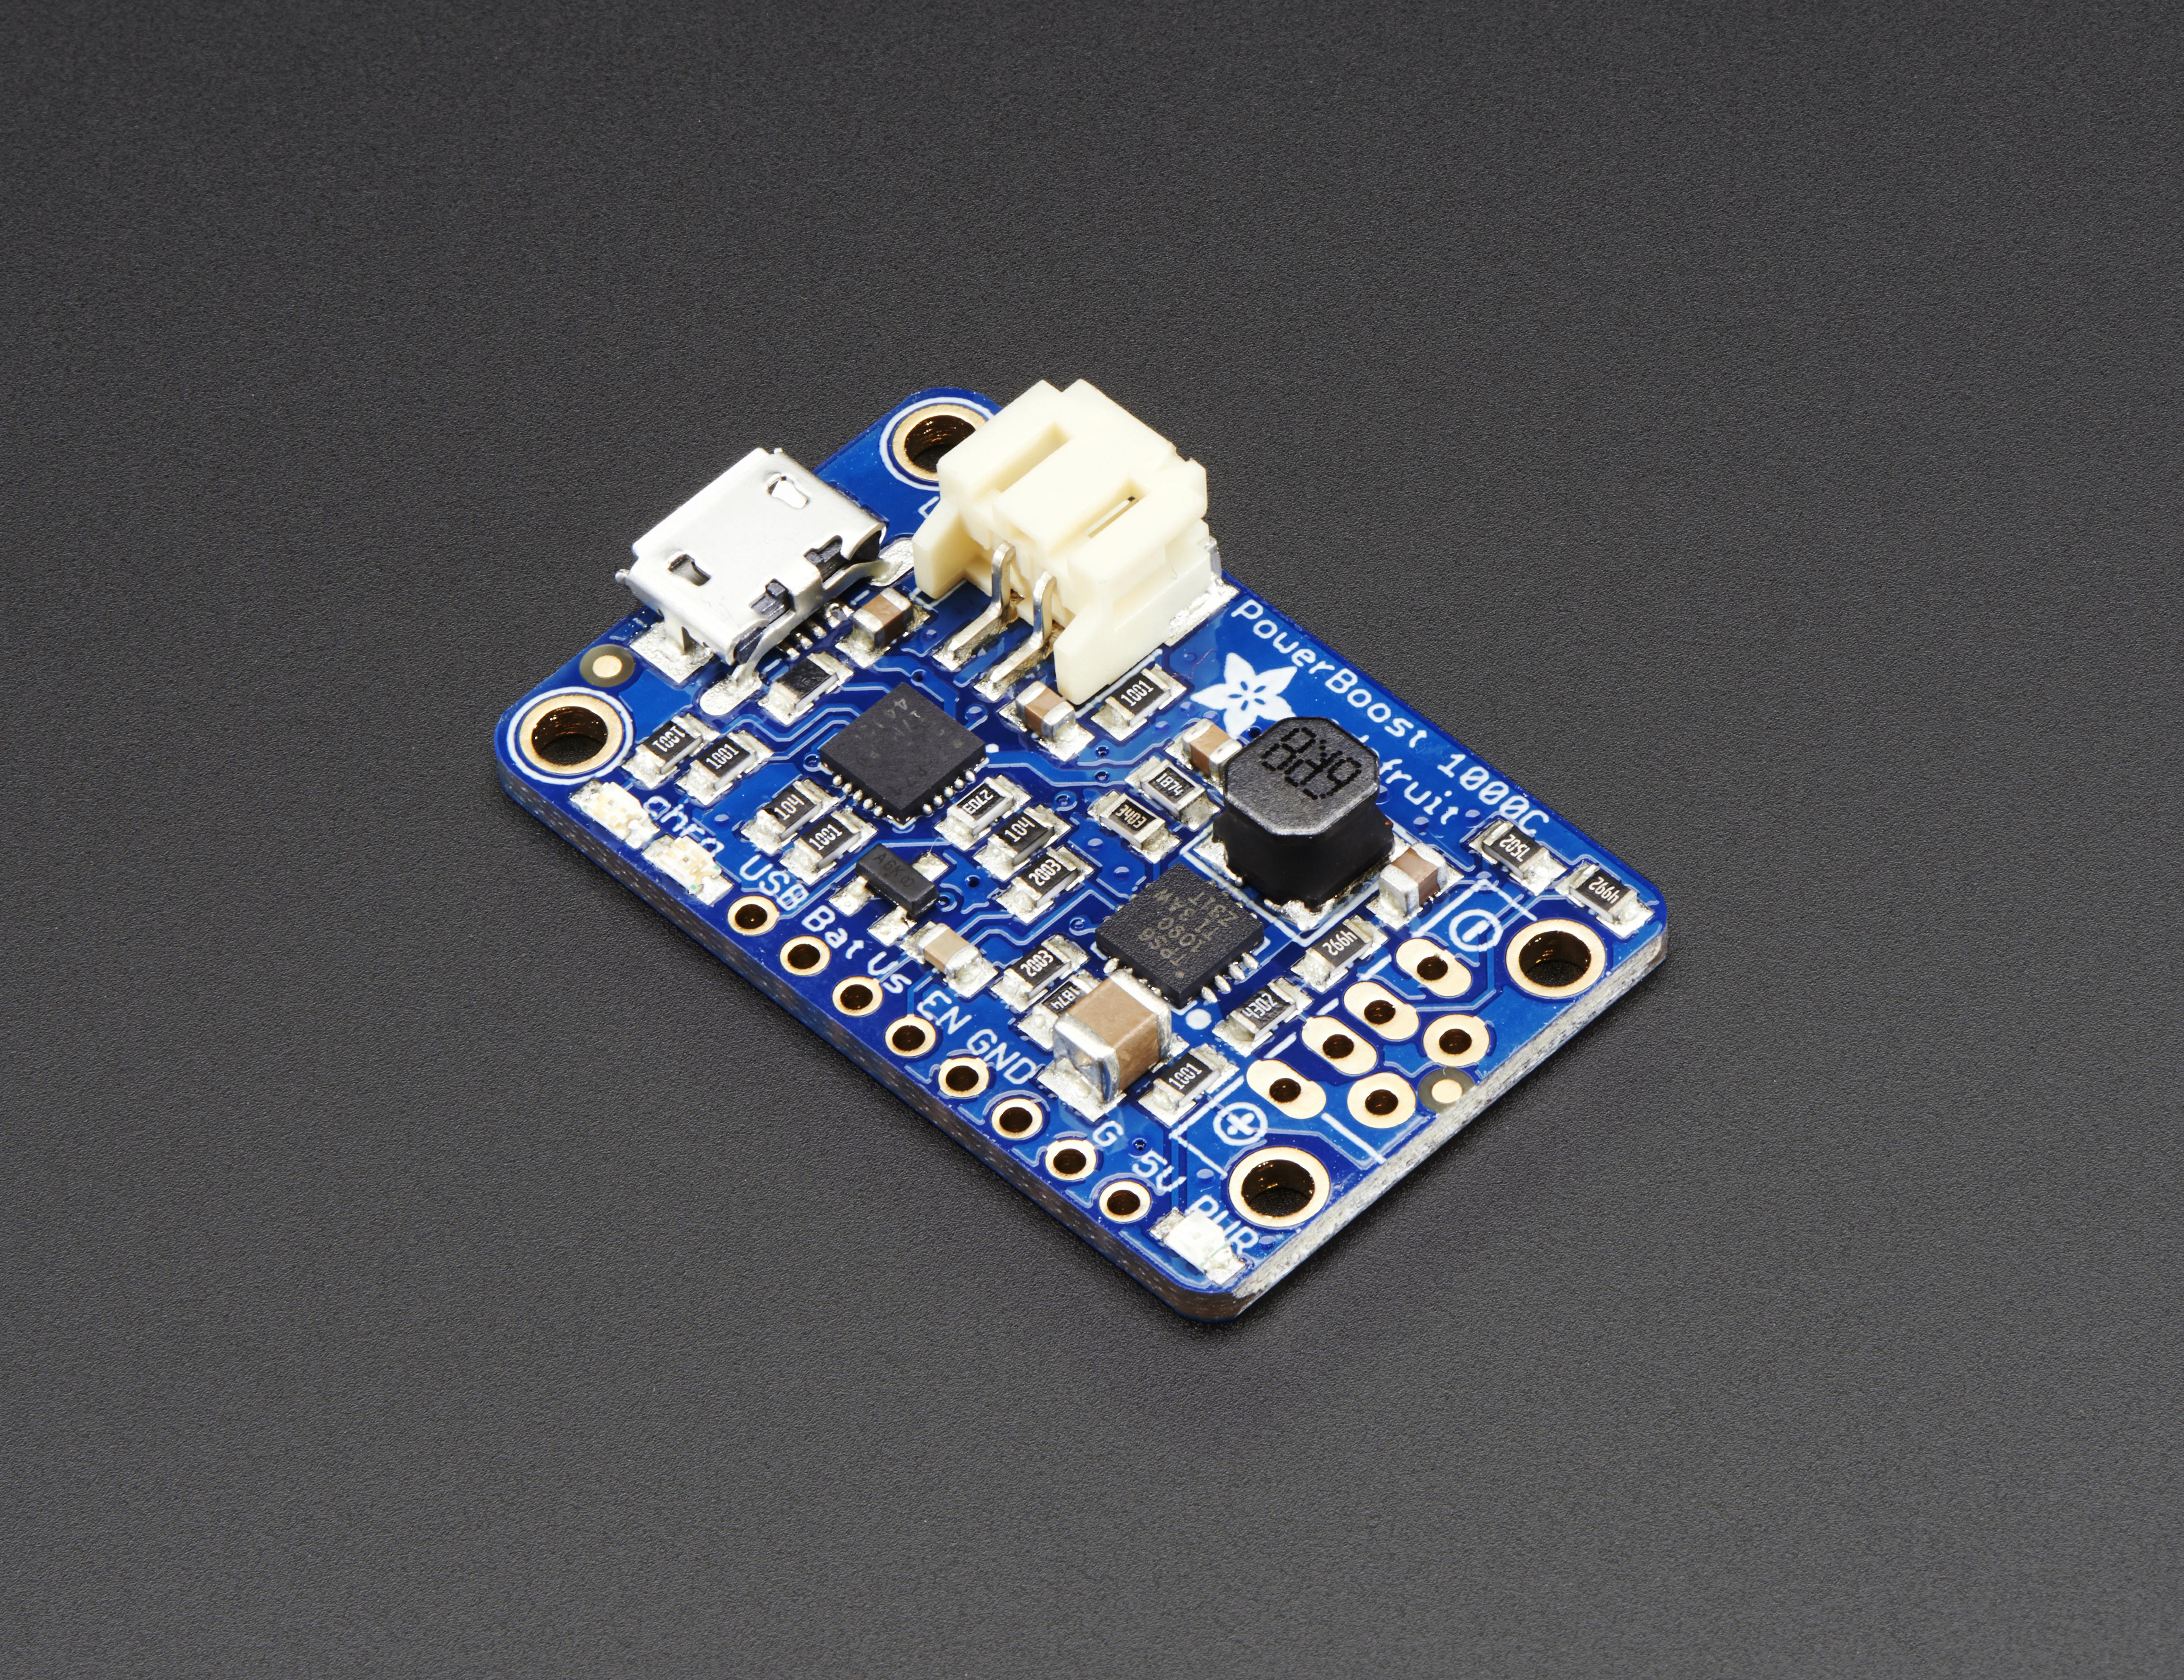 adafruit_products_2465_iso_ORIG.jpg